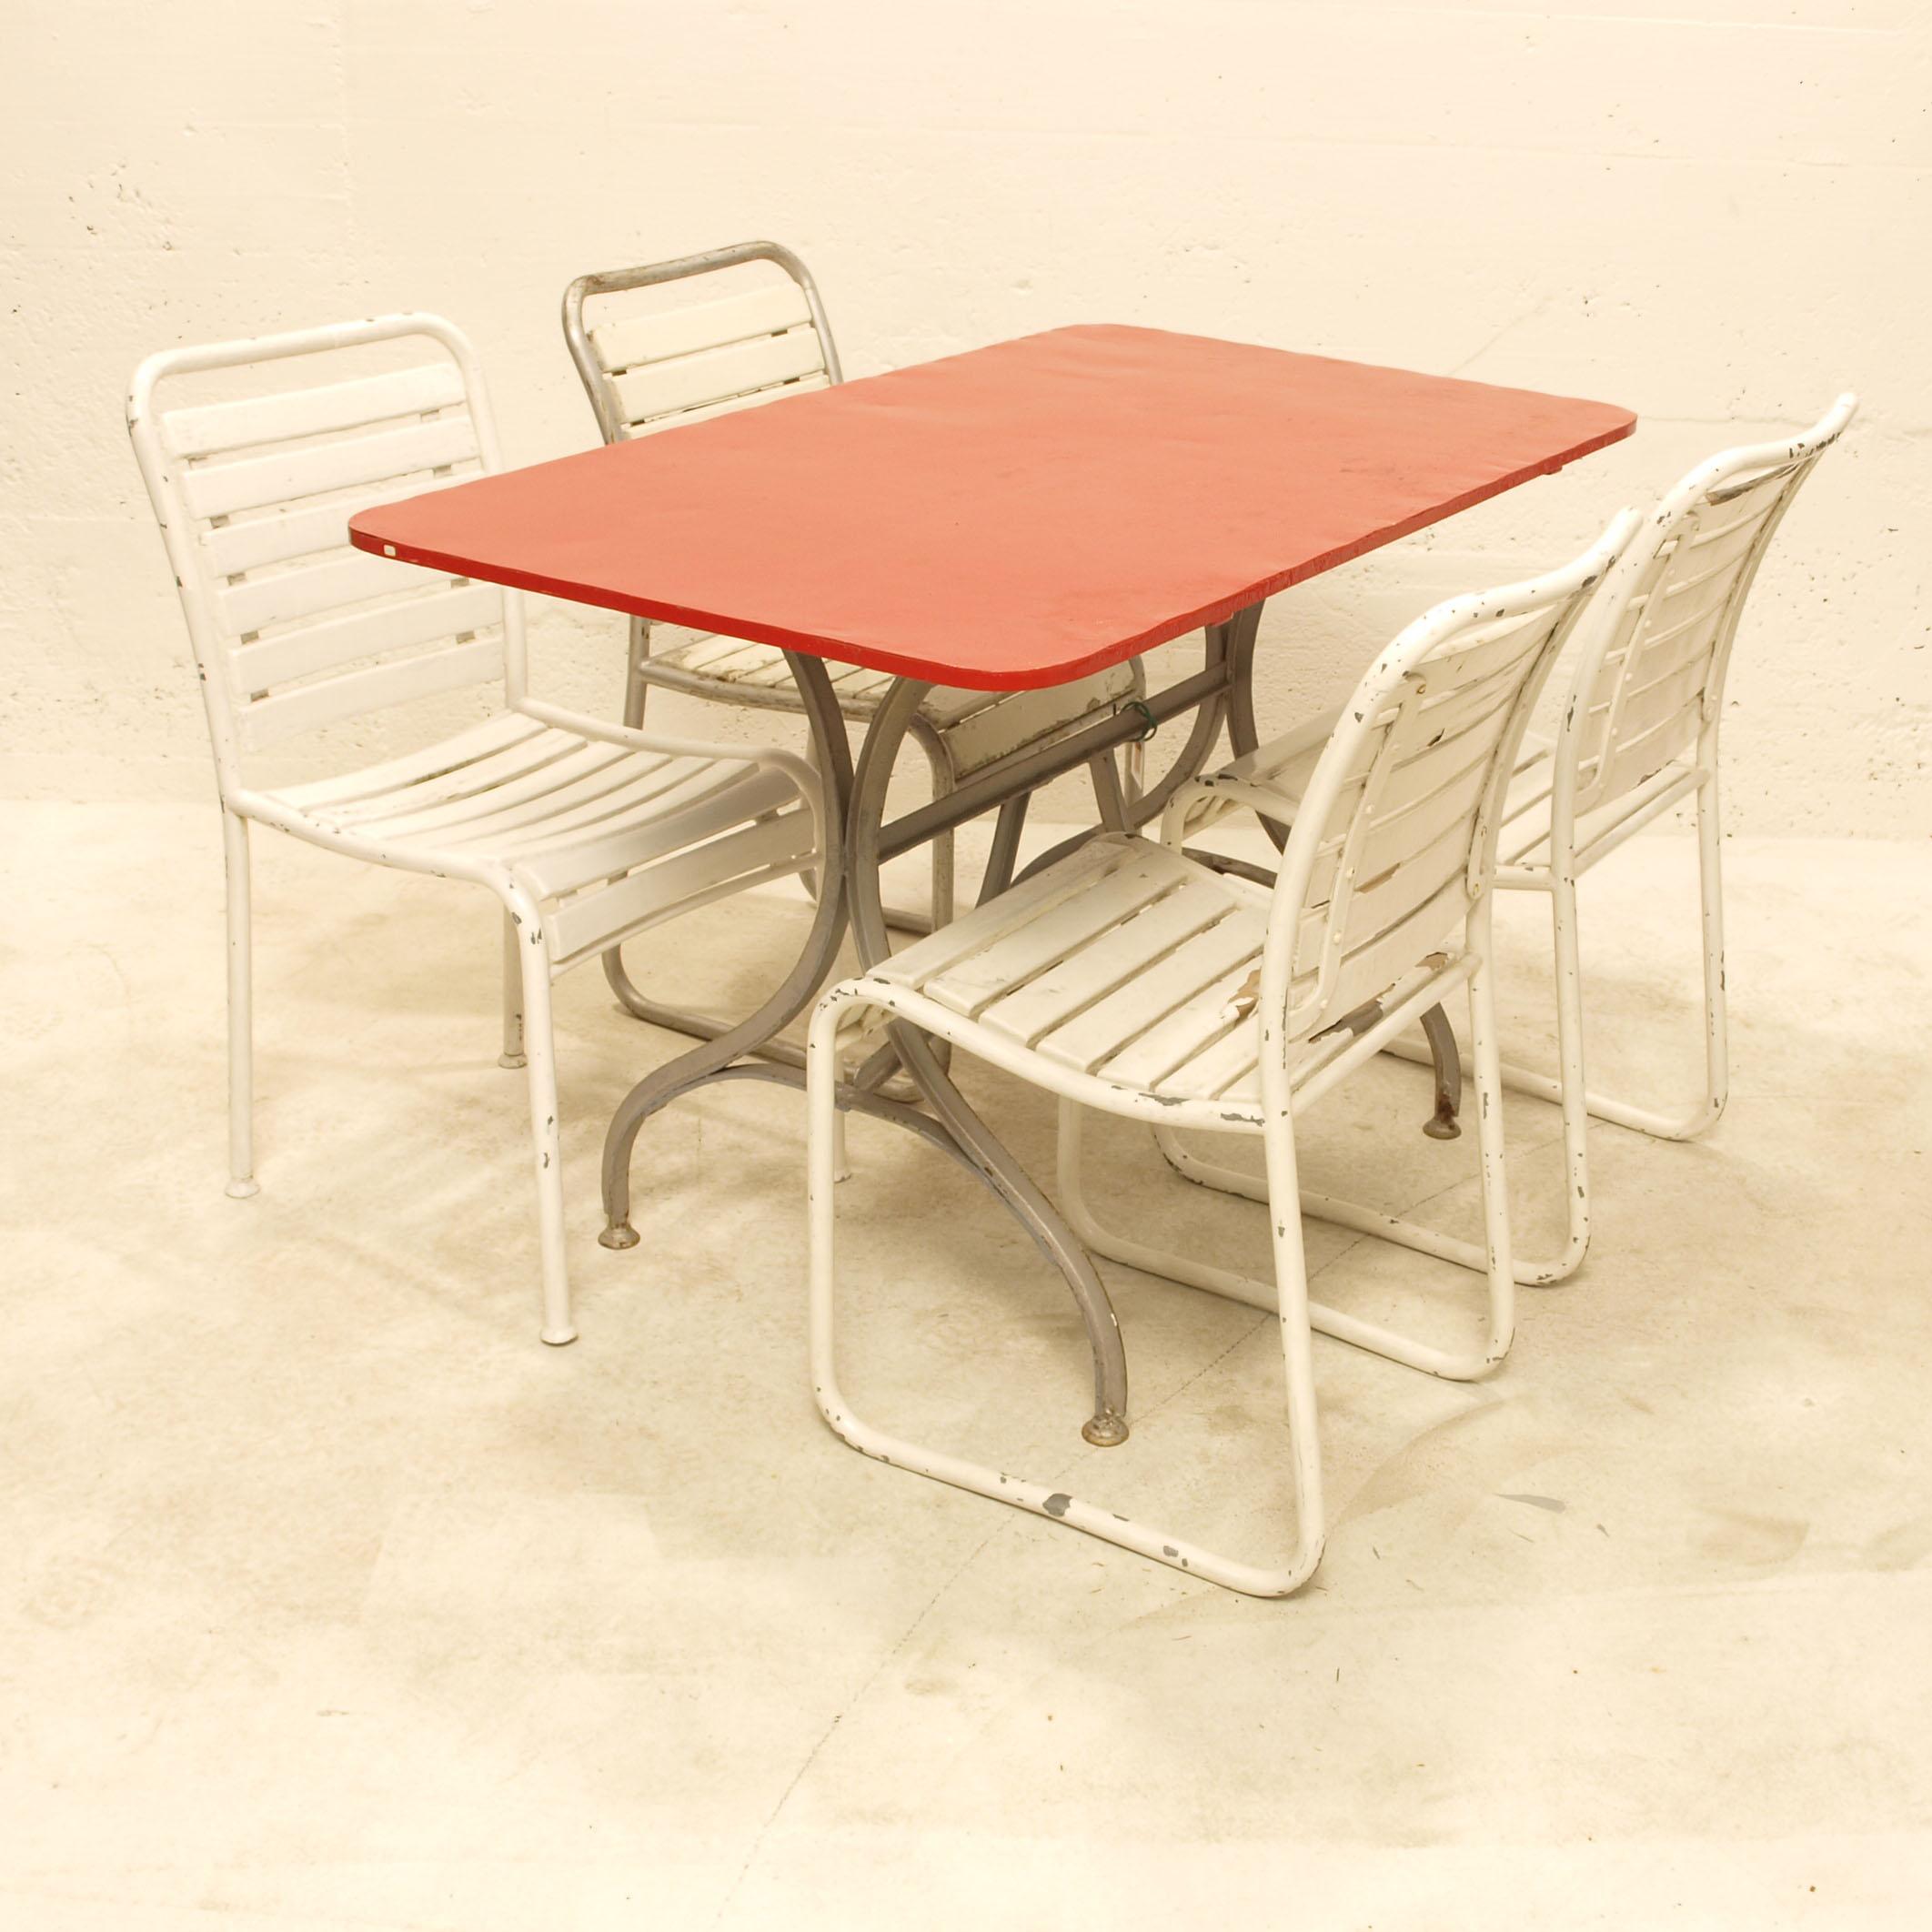 biergartentisch jugendstil m bel z rich vintagem bel. Black Bedroom Furniture Sets. Home Design Ideas